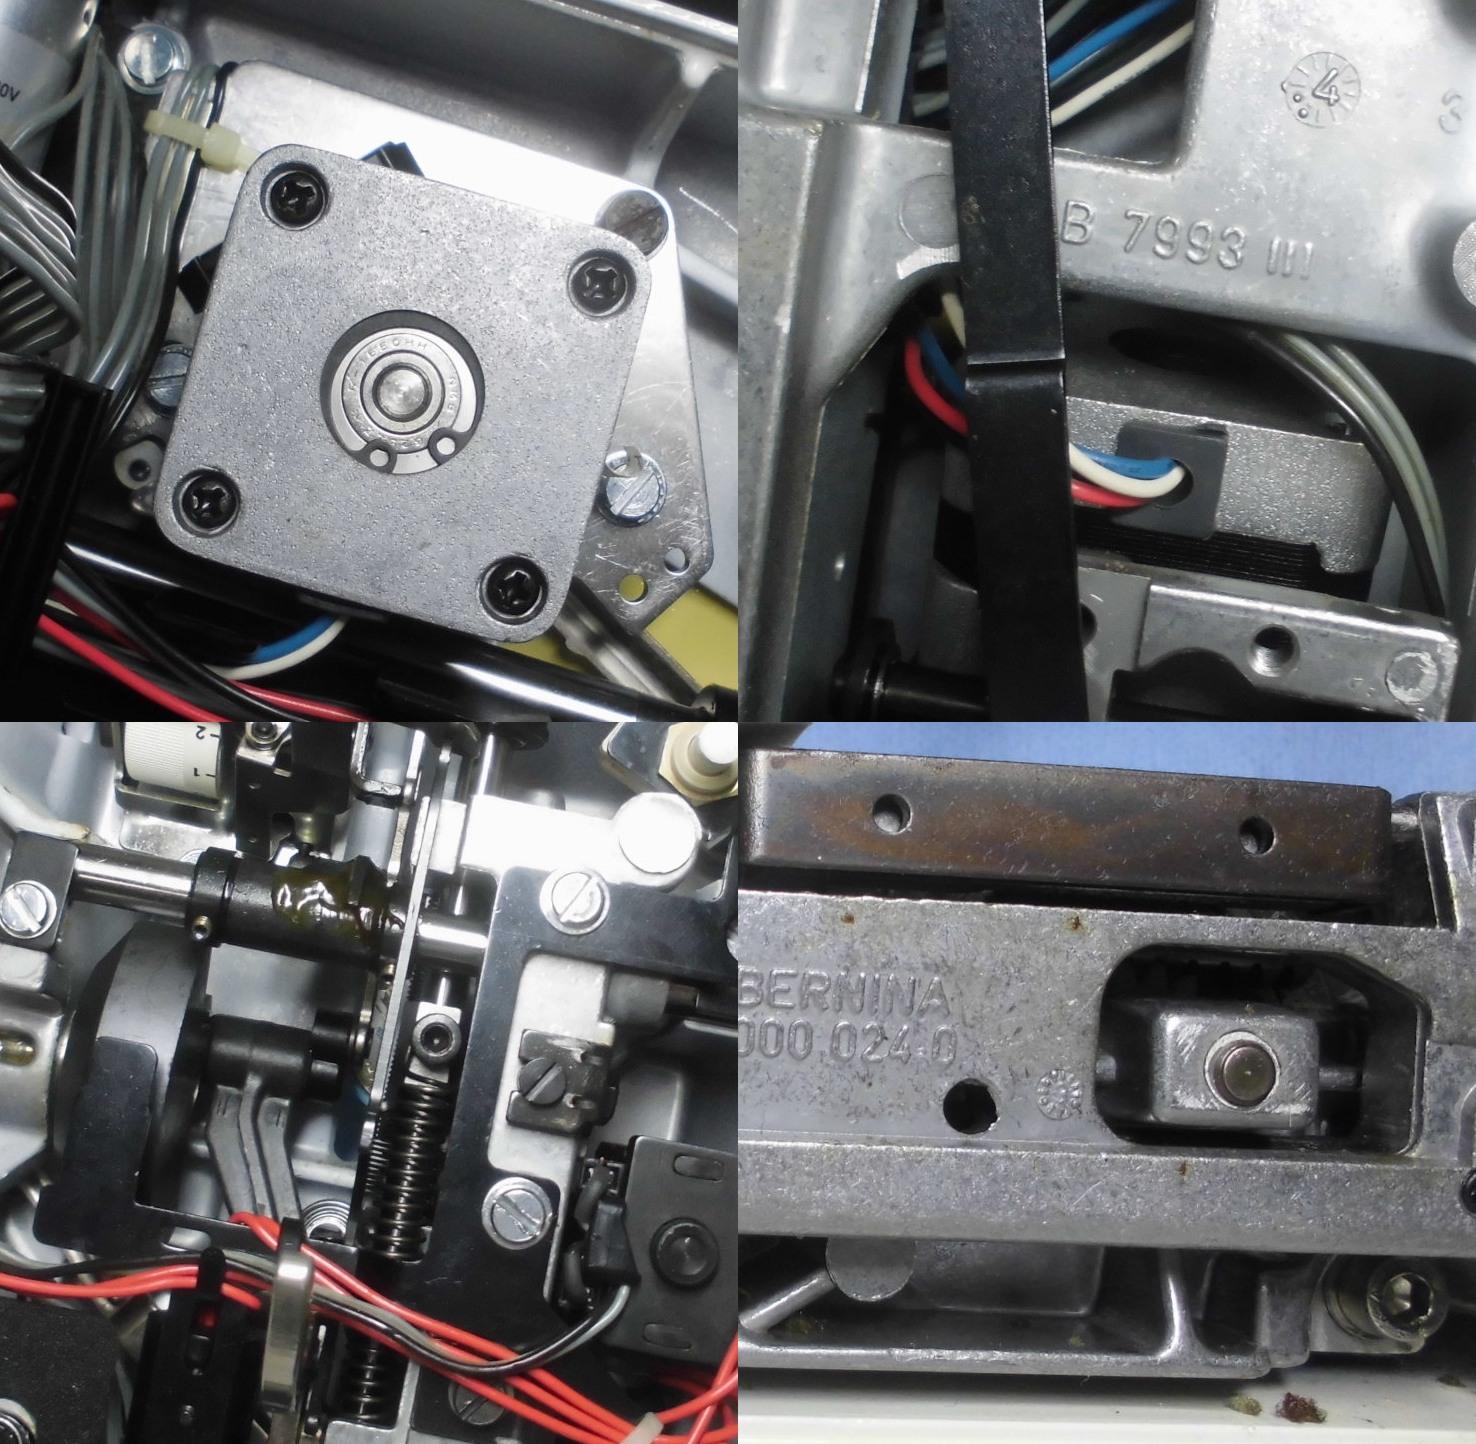 ホリデーヌ1241の修理 ステップモーターの固着、グリス劣化、オイル切れ、ズレ